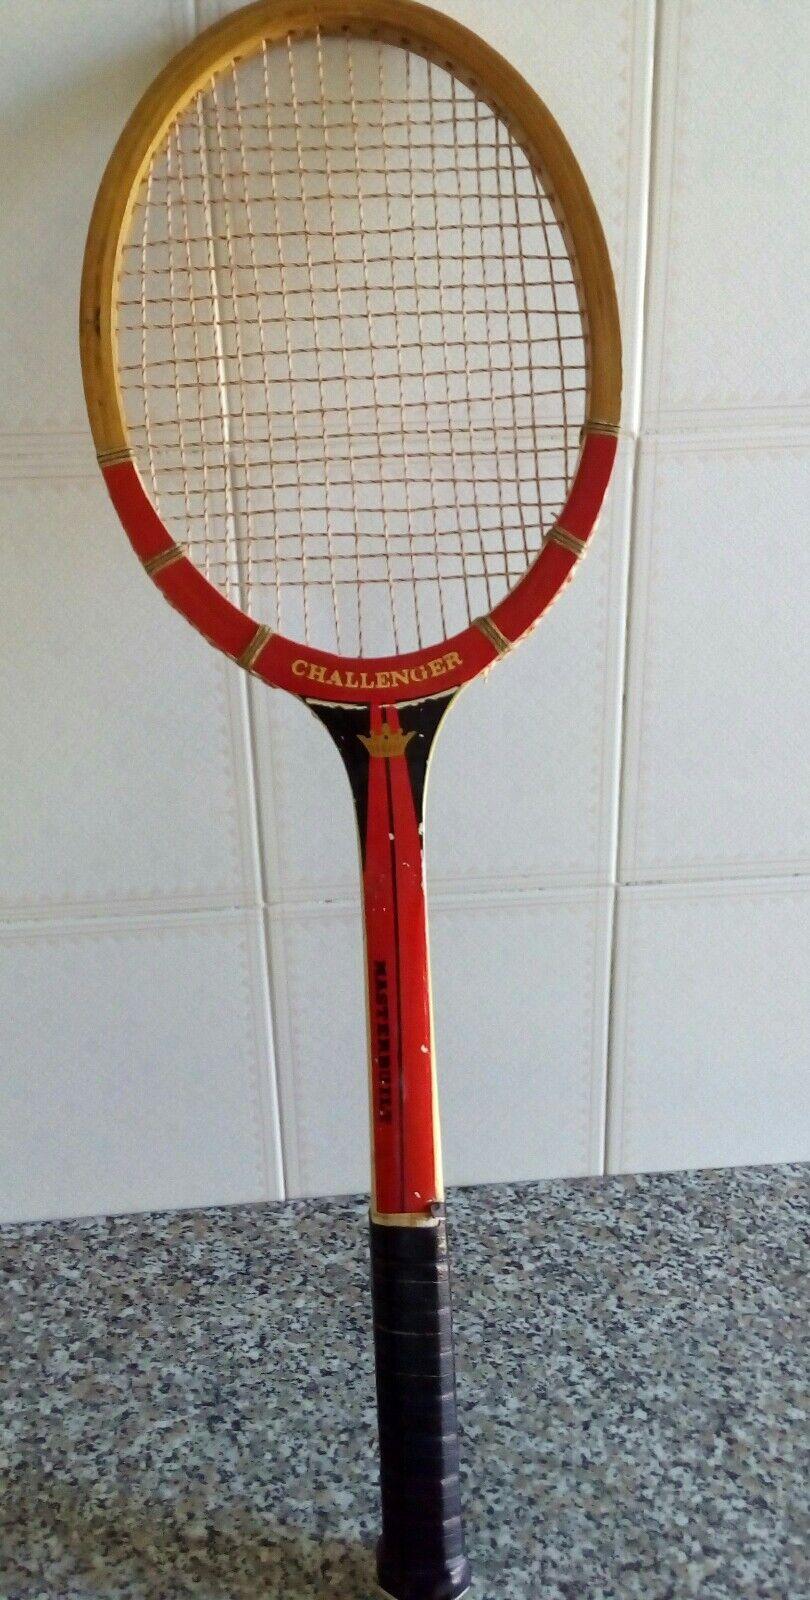 Racchetta tennis legno vintage Challenger Masterbuilt collezione vetrina negozio